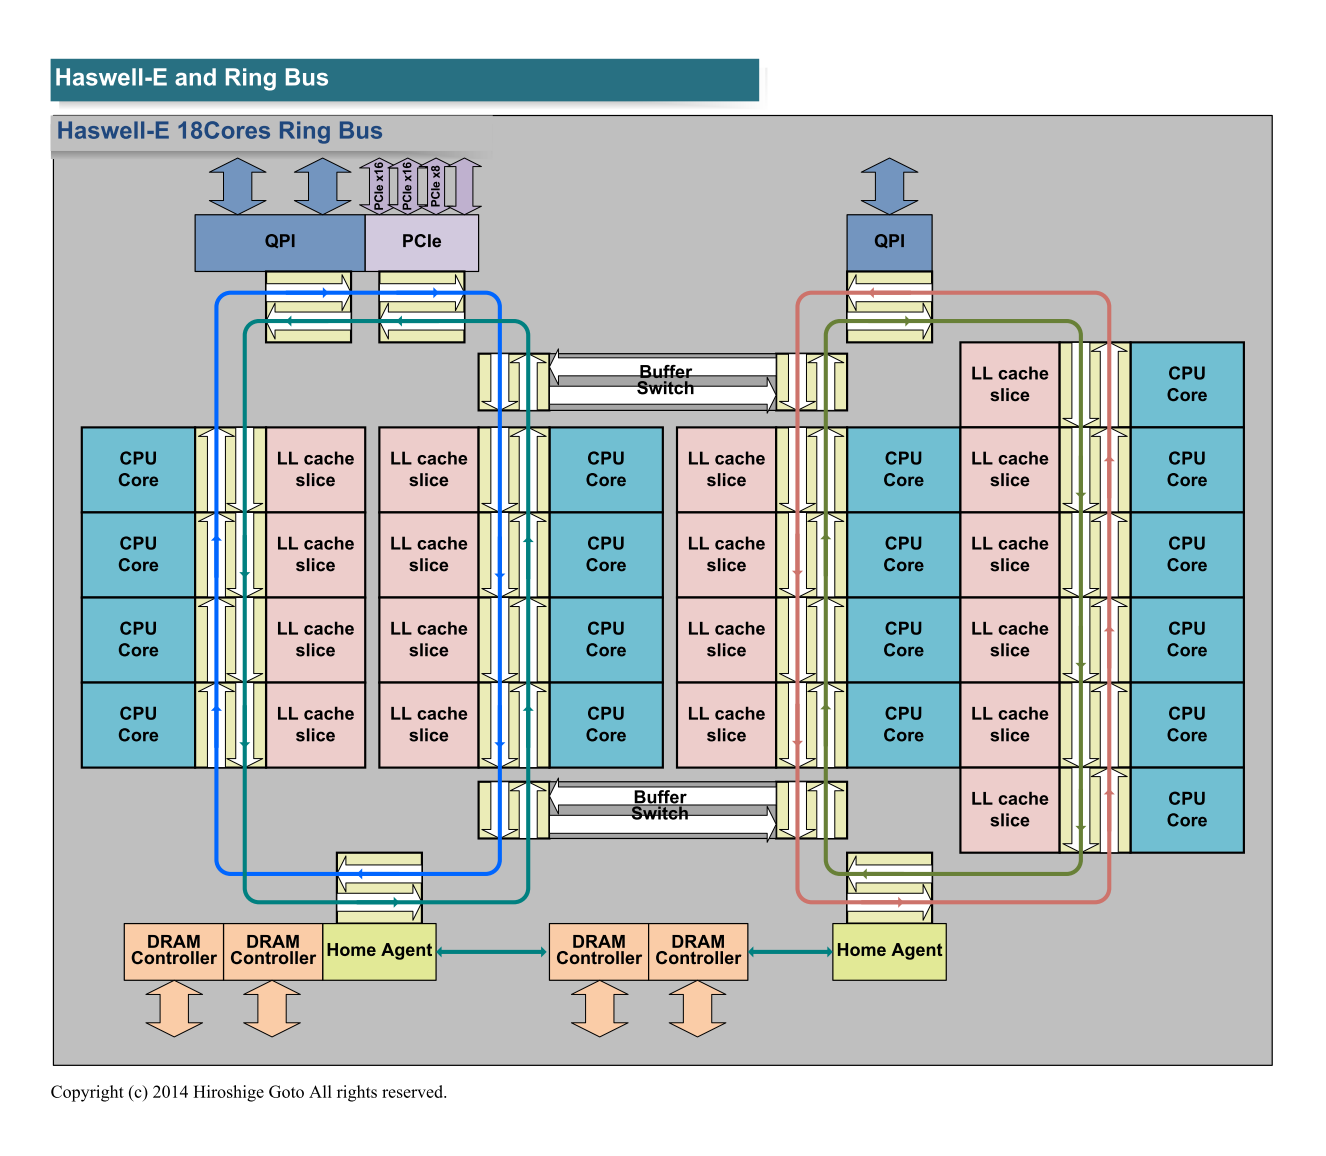 """18コアのHaswell-Eのリングバス構成(PDF版は<span class=""""img-inline raw""""><a href=""""/video/pcw/docs/665/735/p13.pdf"""" ipw_status=""""1"""" ipw_linktype=""""filelink_raw"""" class=""""resource"""">こちら</a></span>)"""